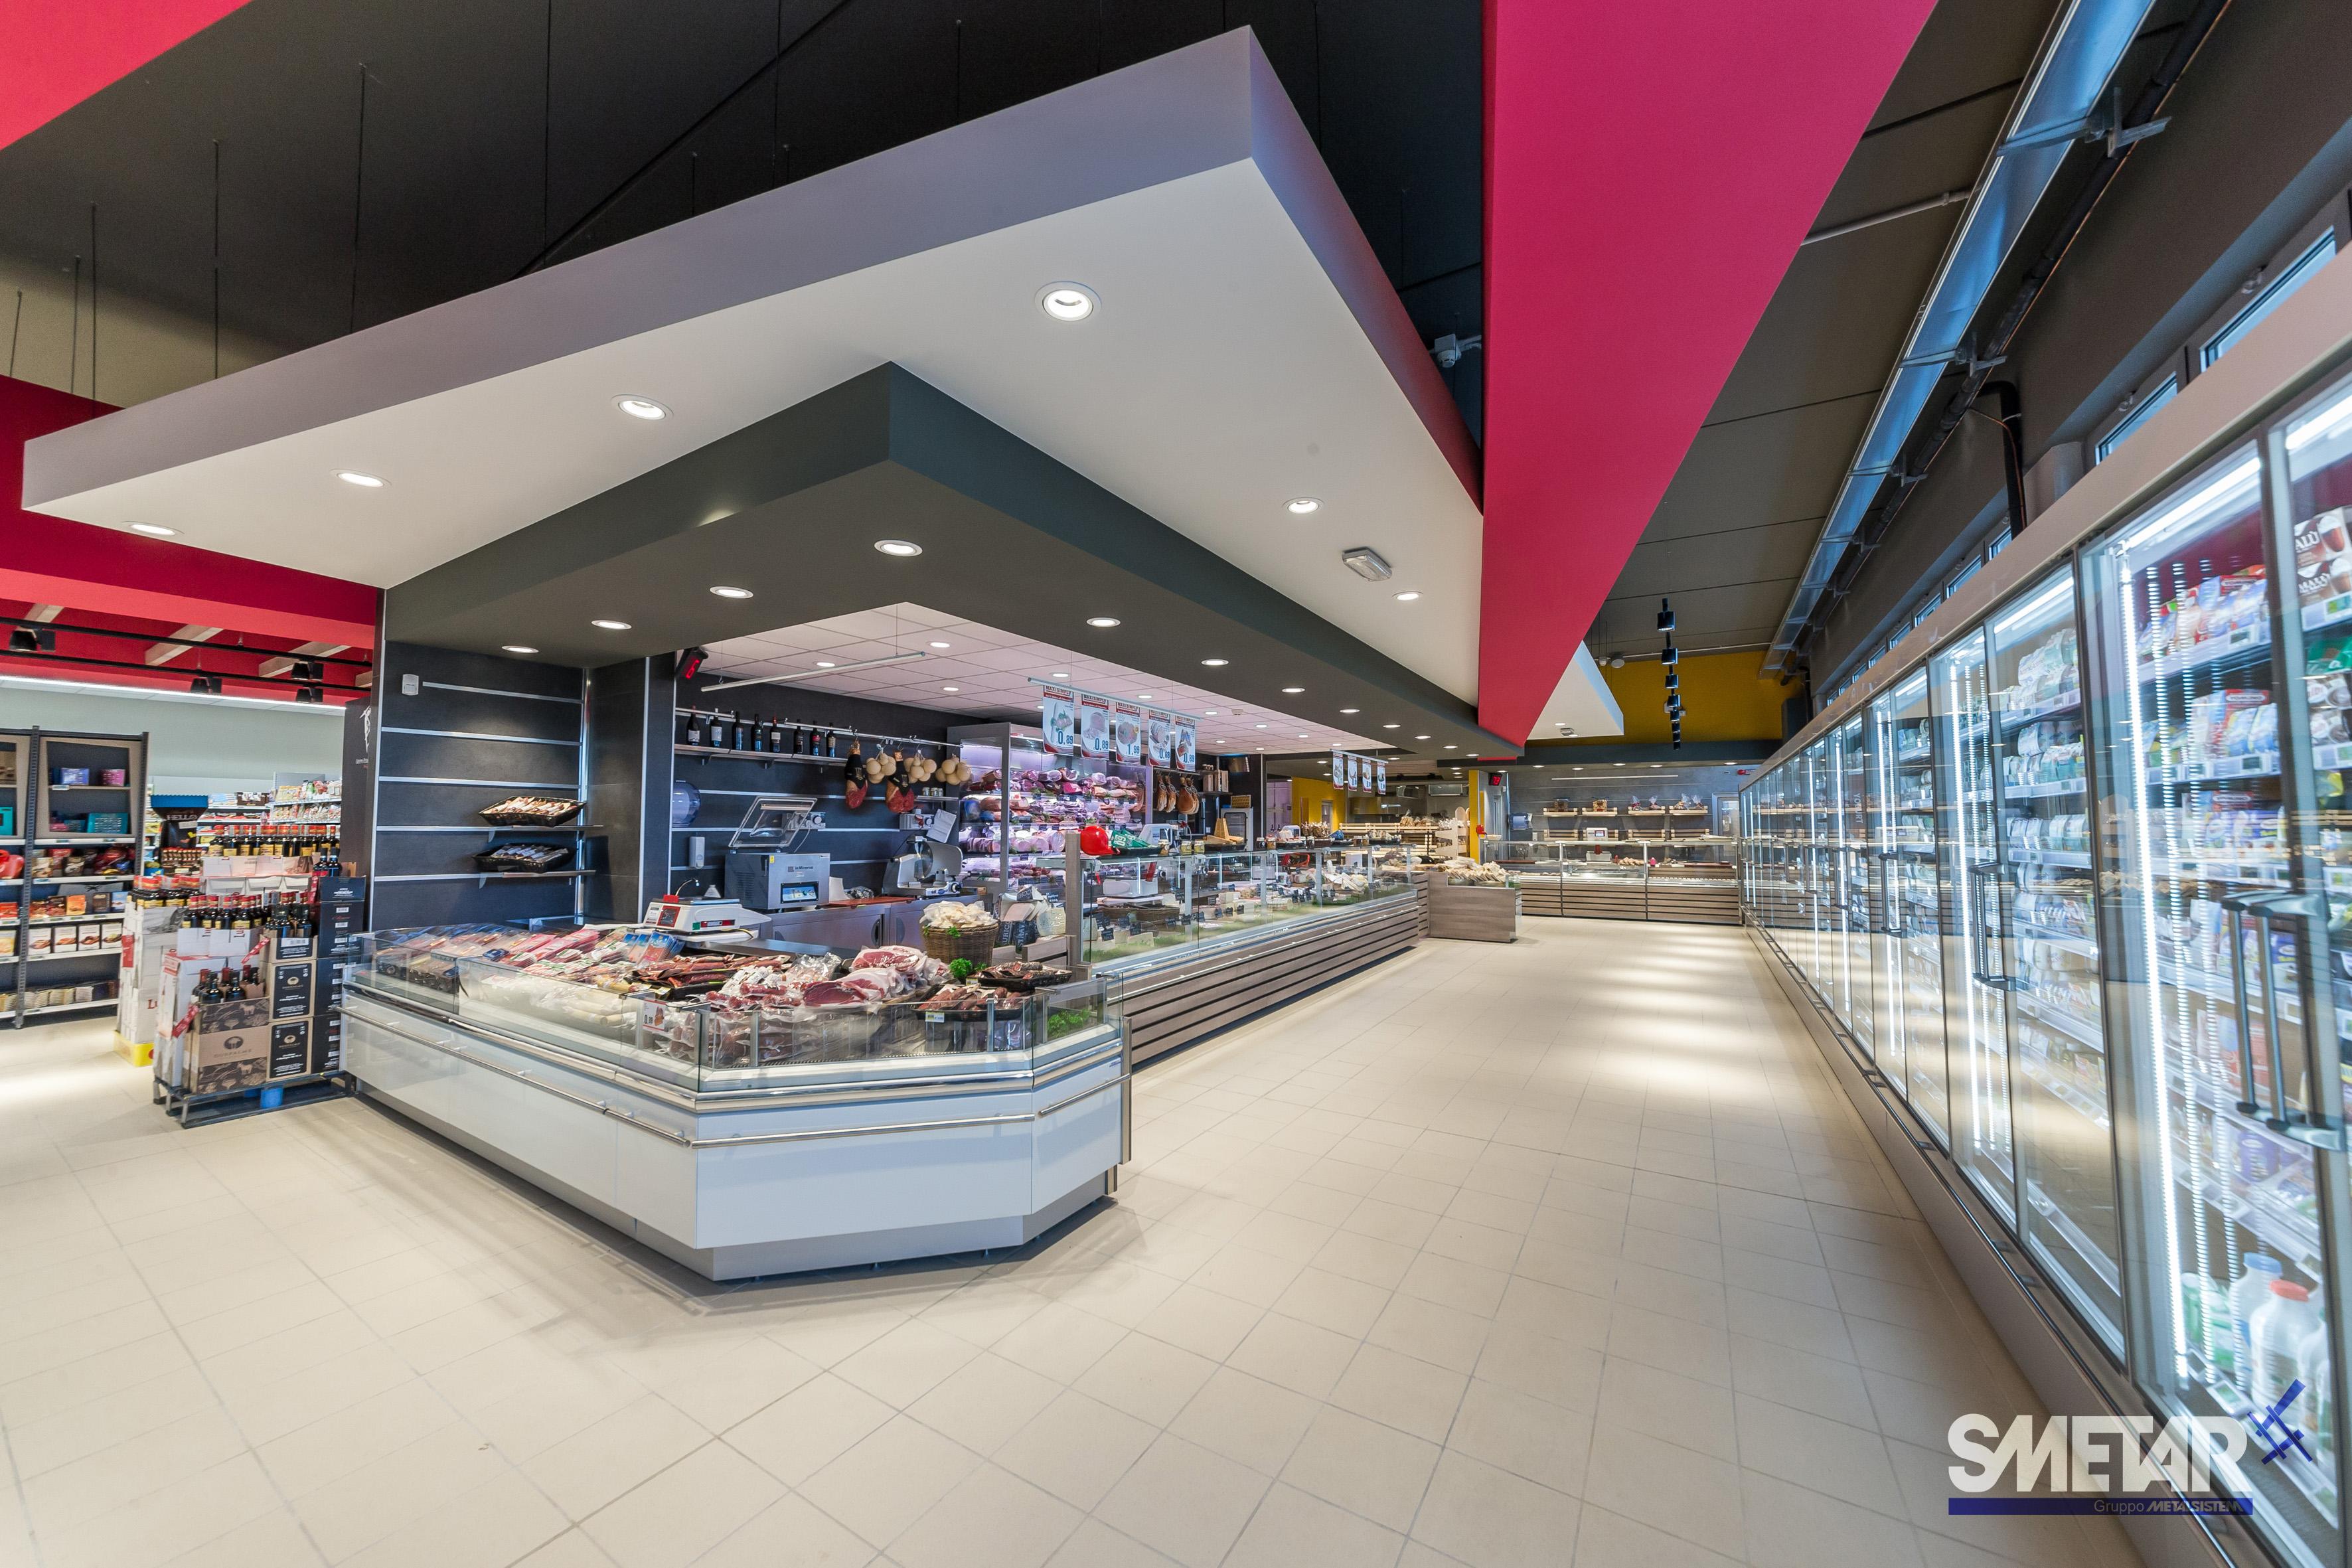 ... conferiscono al Maxi Simply di Noci un design innovativo ed efficace